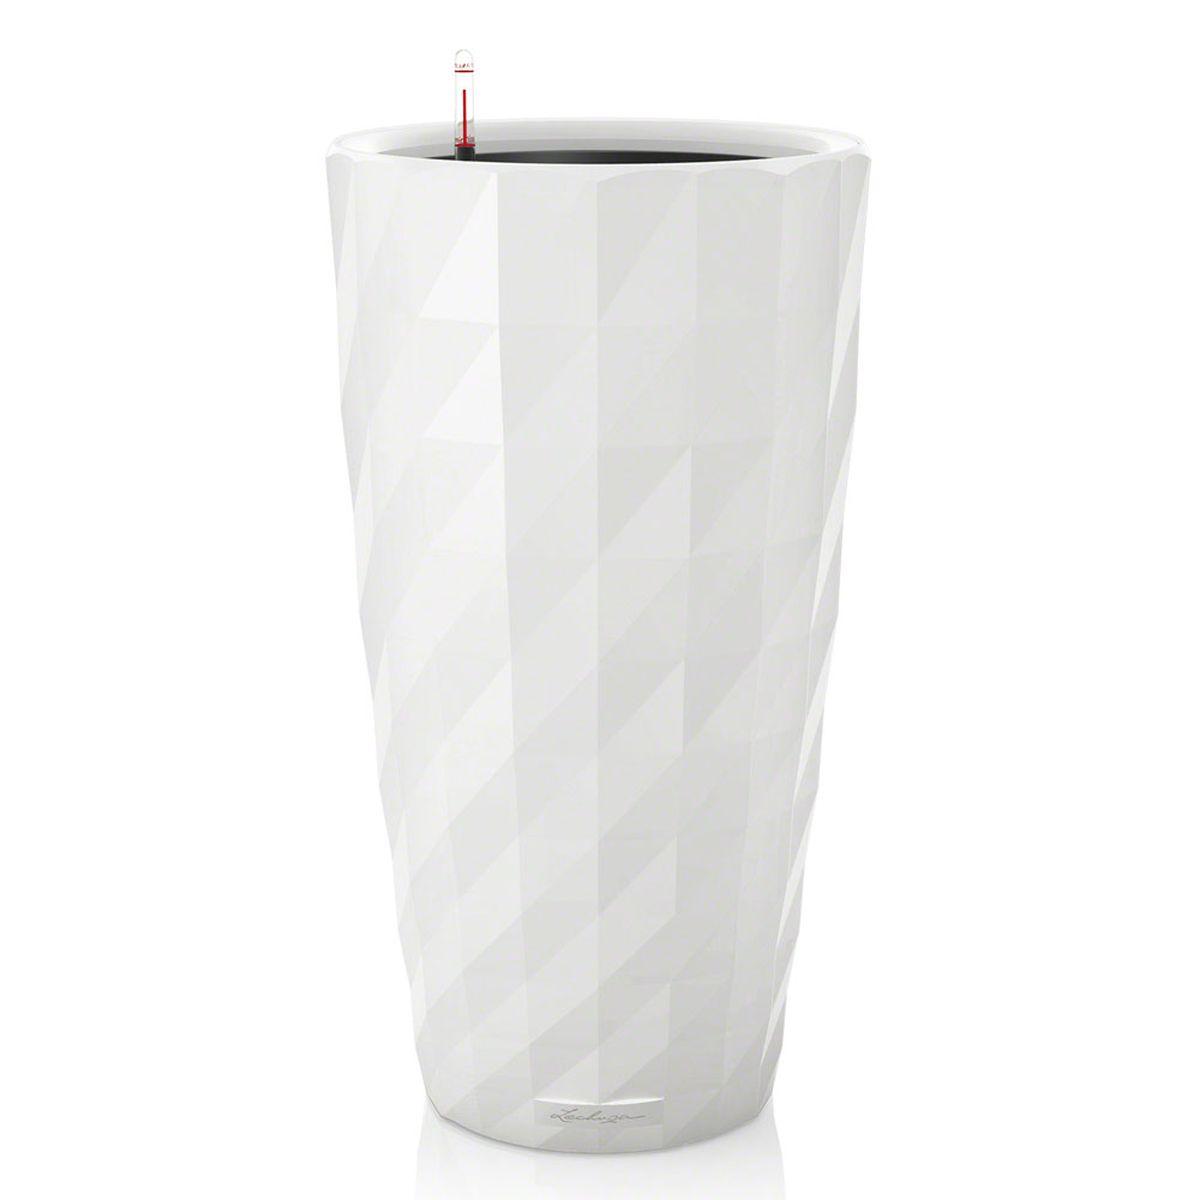 Кашпо Lechuza «Diamante», с системой автополива, цвет: белый, диаметр 40 см